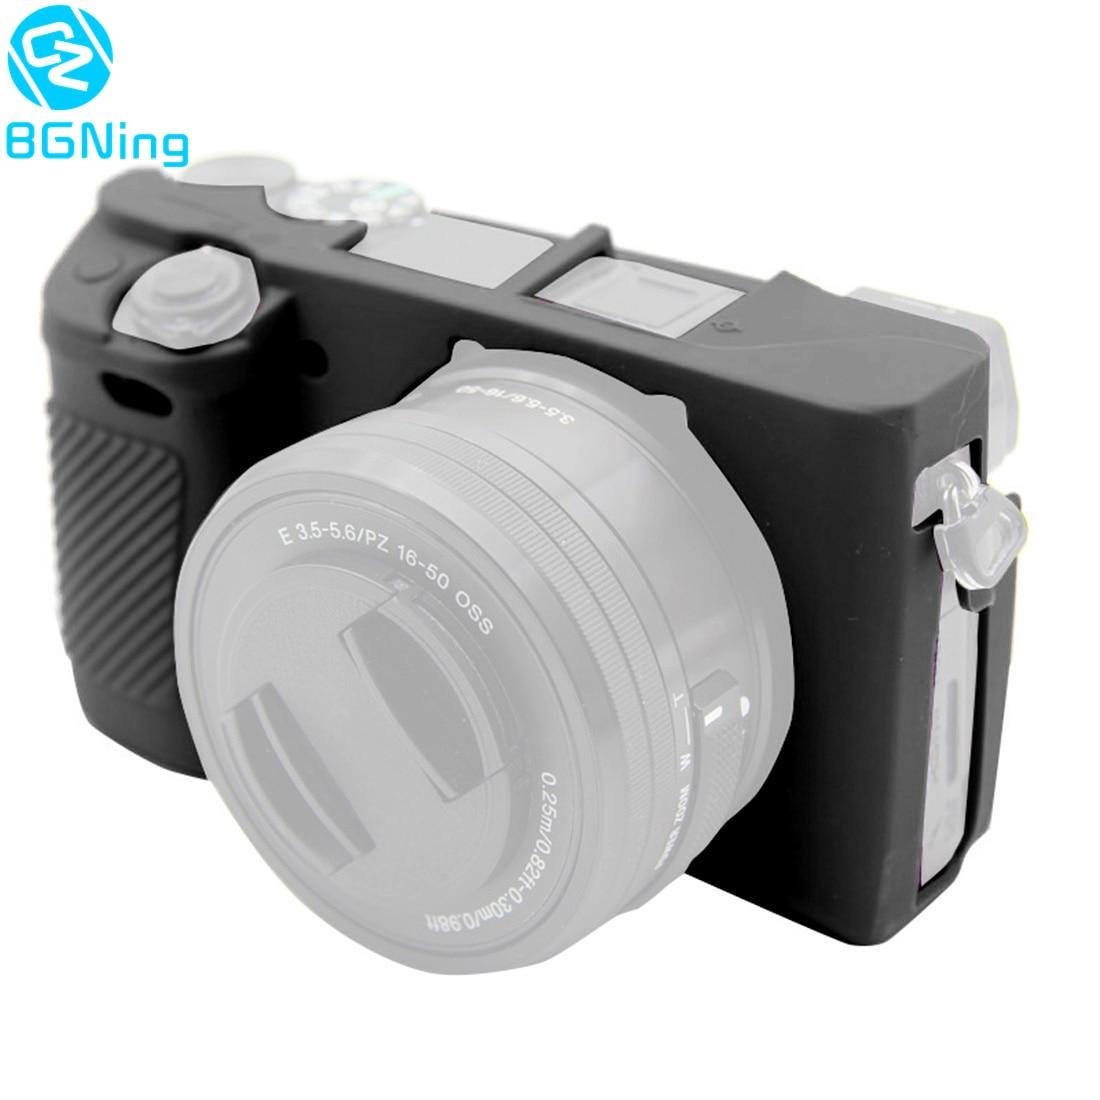 BGNing funda protectora de silicona suave para cámara Alpha A6300 a prueba de golpes piel del cuerpo Anti-scrach SLR DSLR bolsa para Sony A6500